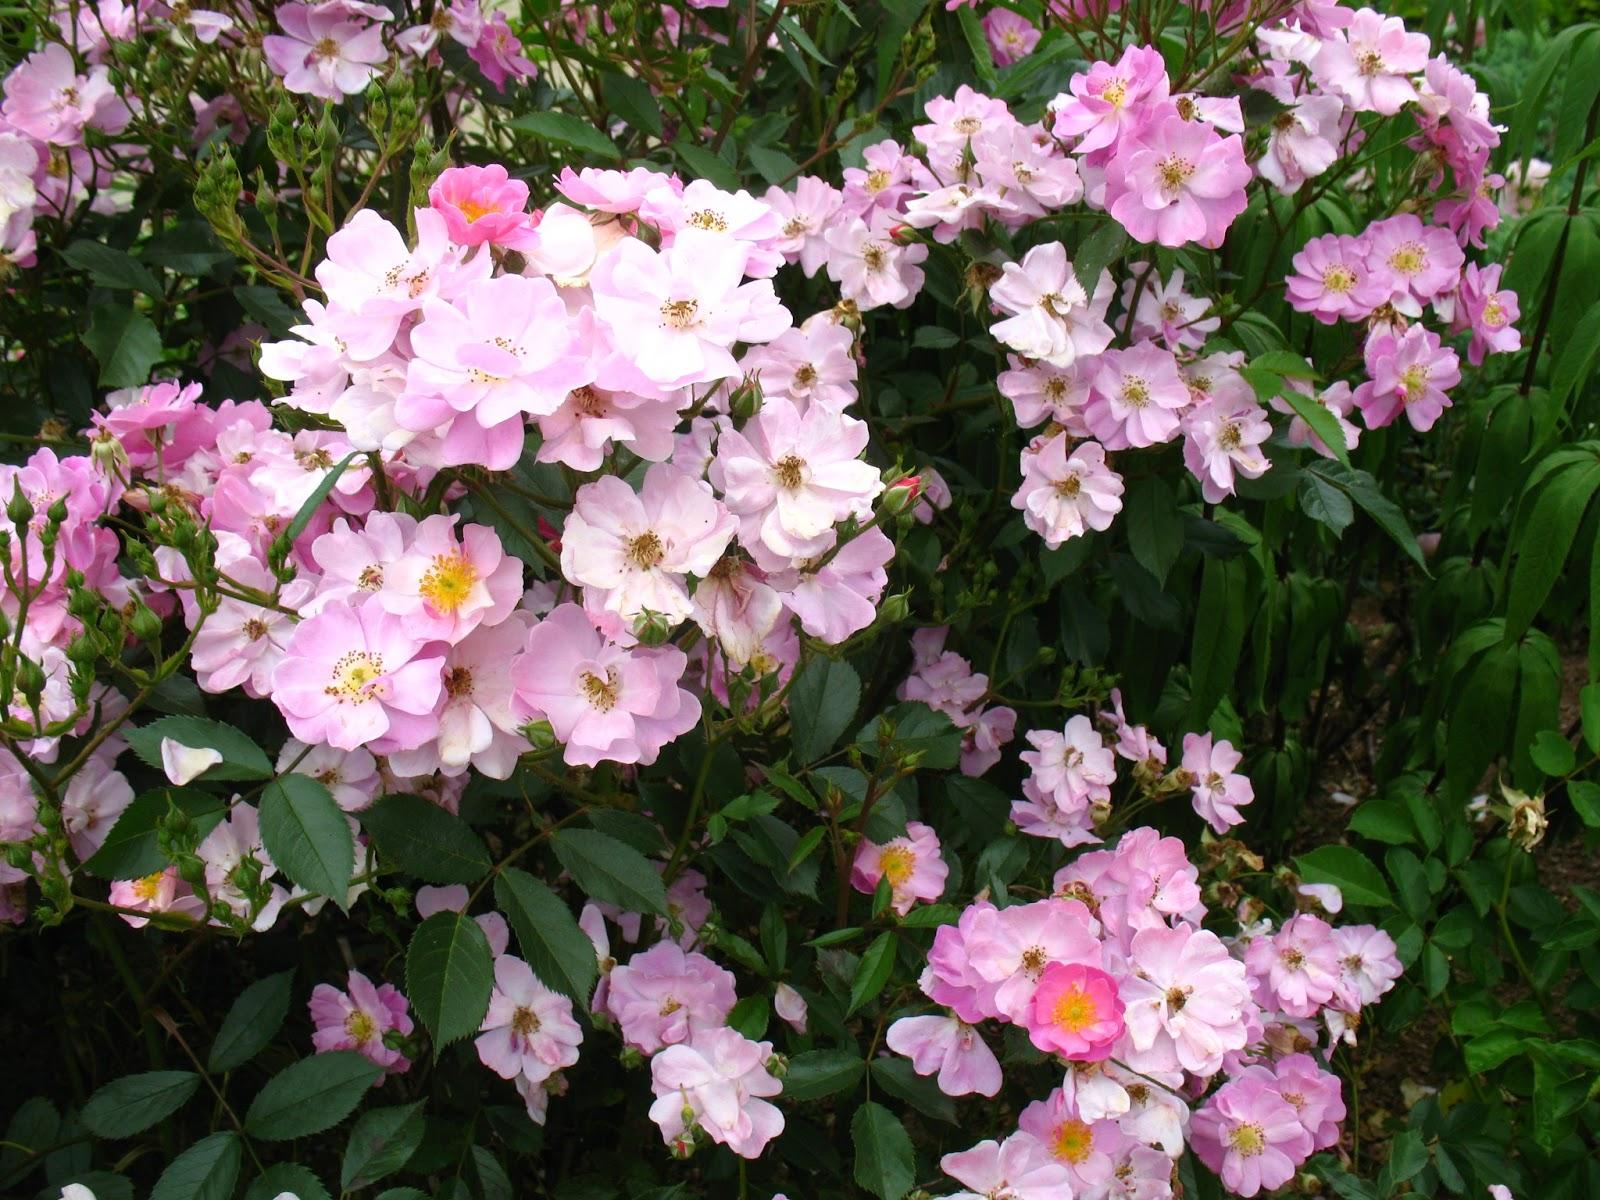 roses du jardin ch neland trois rosiers lavender. Black Bedroom Furniture Sets. Home Design Ideas